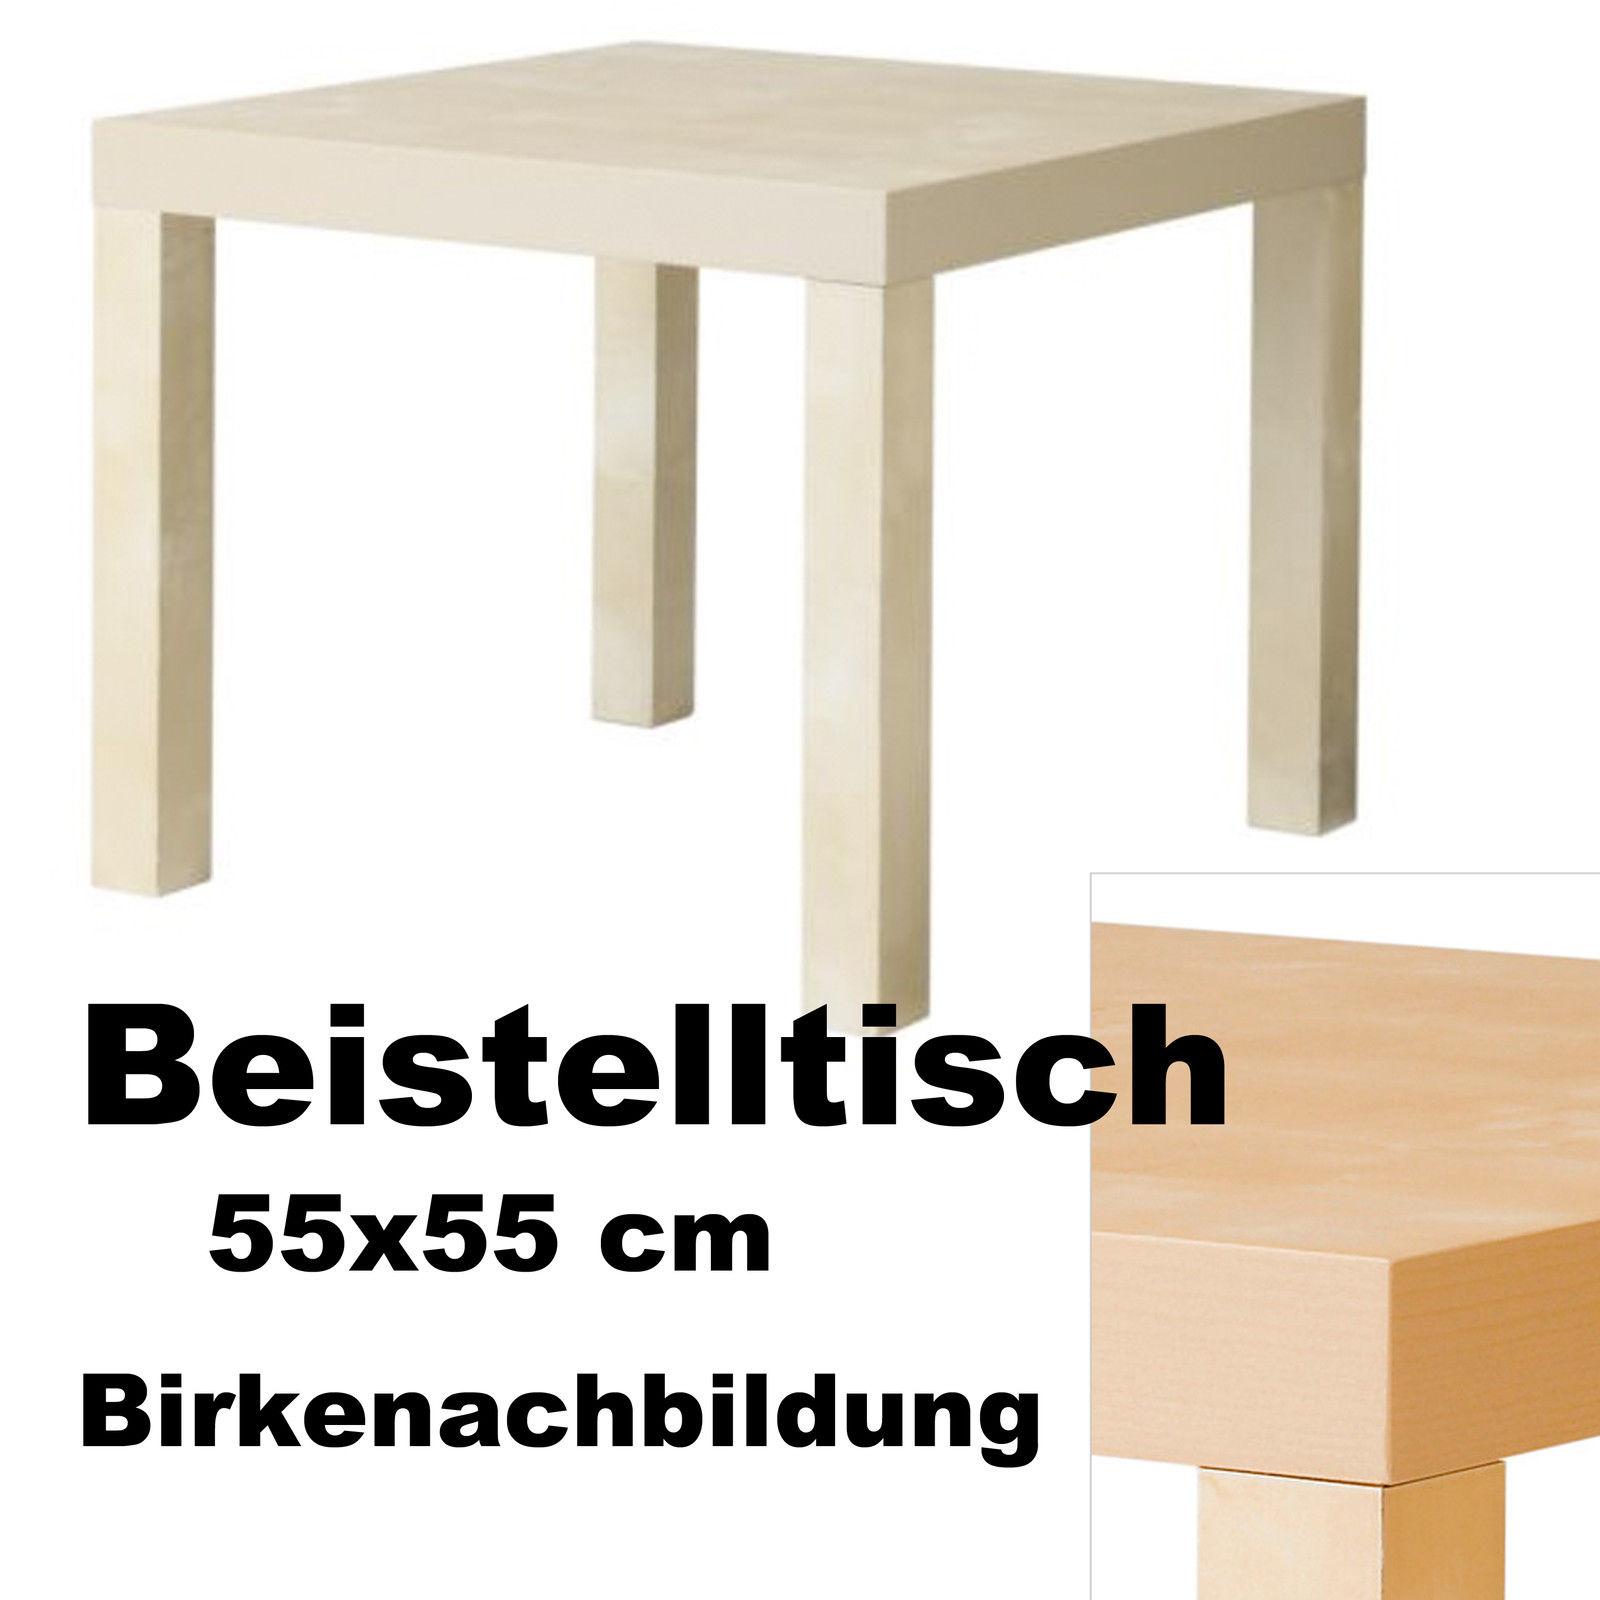 ikea couchtisch beistelltisch tisch abstelltisch deko birke 55x55cm neu ovp traumfabrik xxl. Black Bedroom Furniture Sets. Home Design Ideas